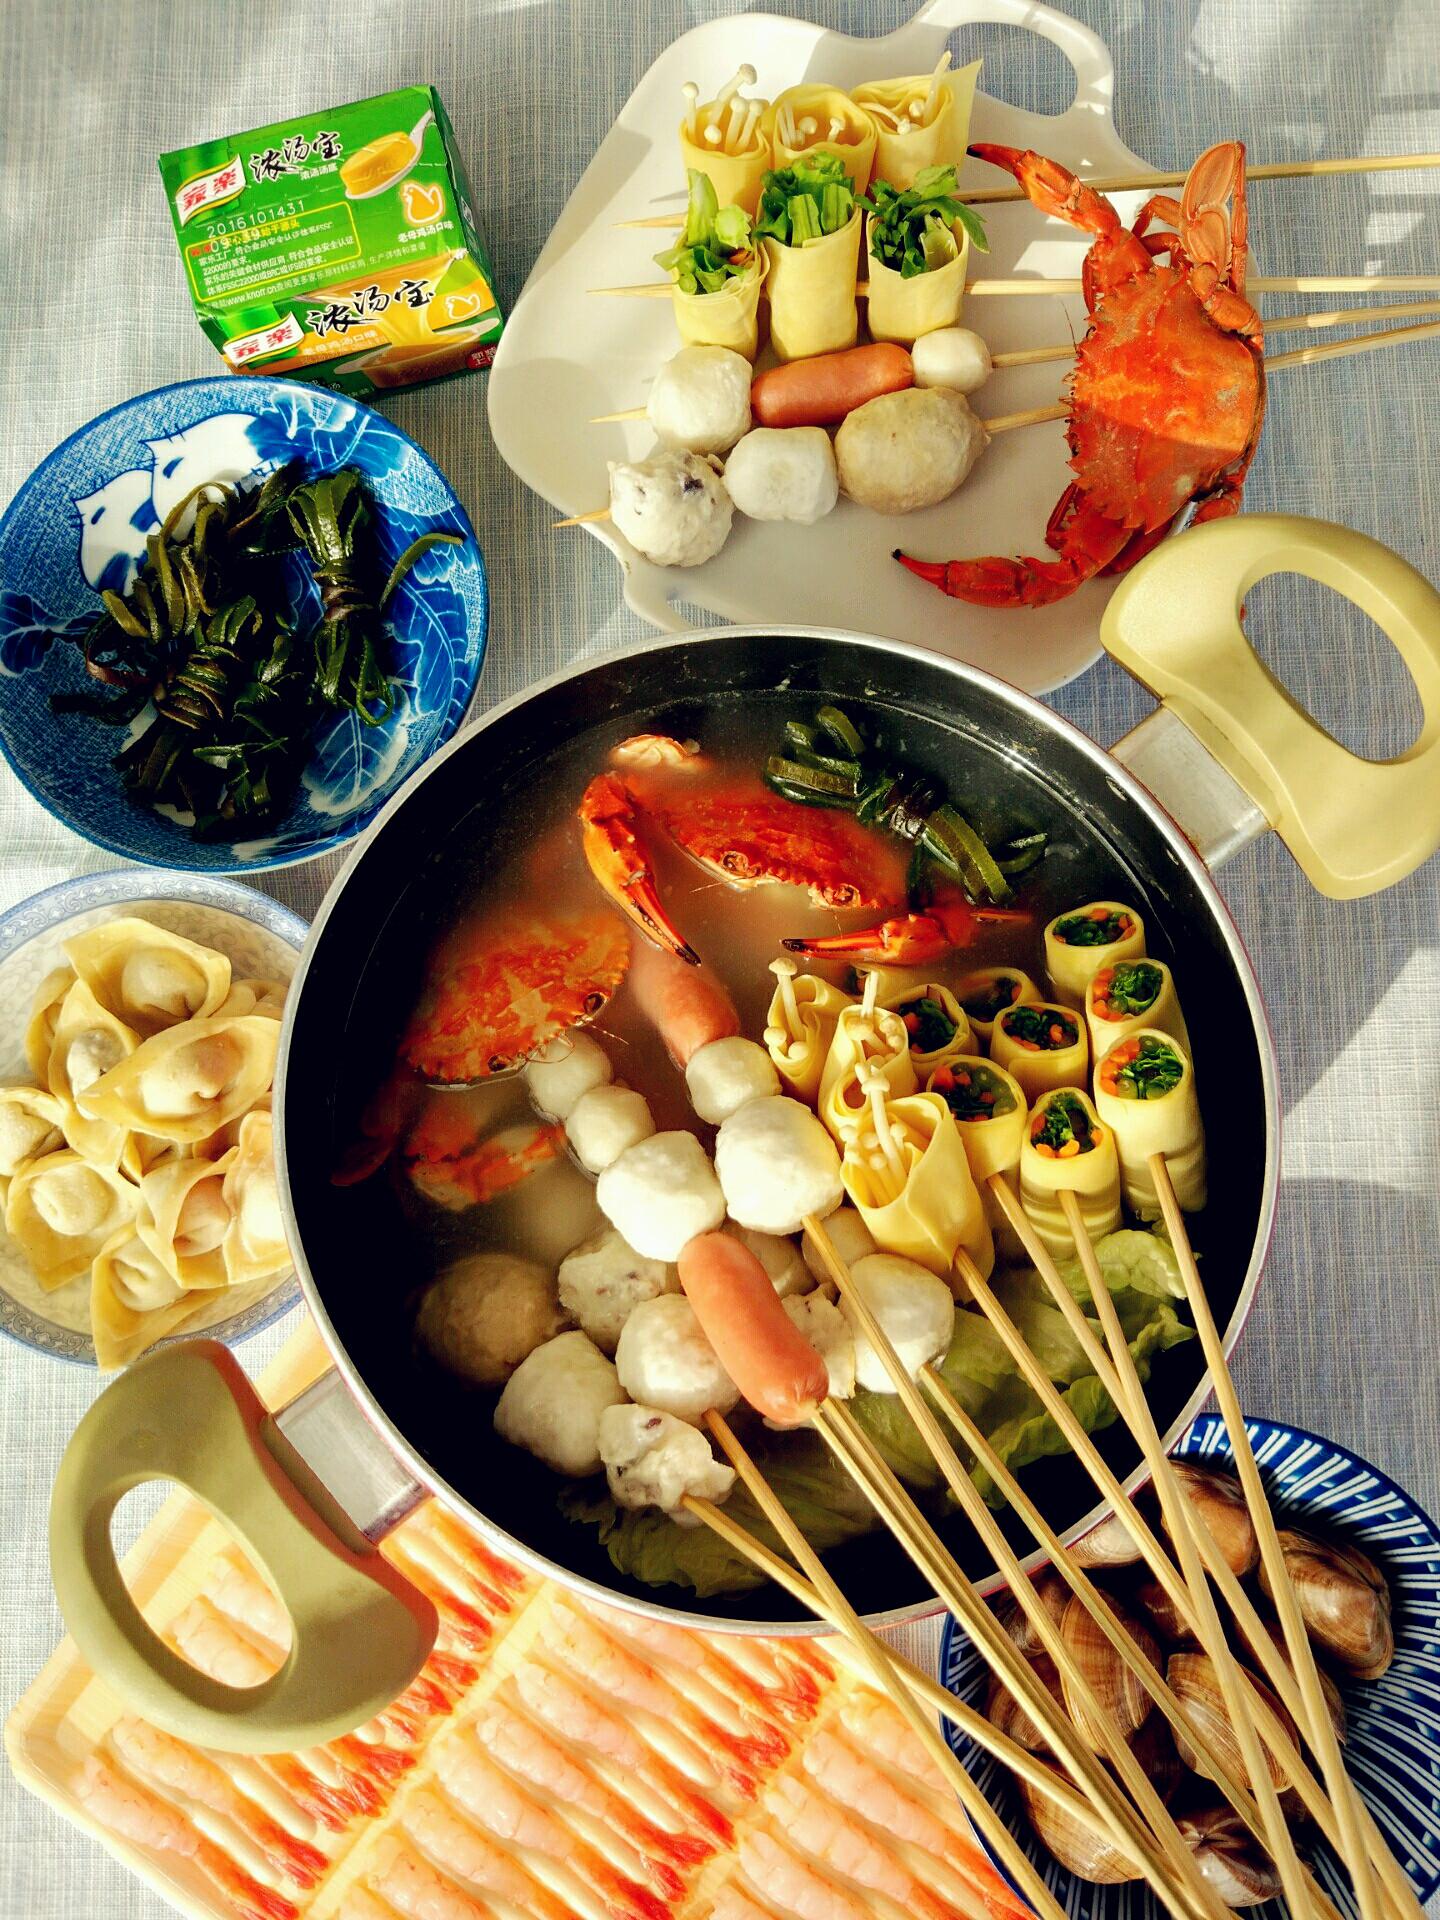 鸡汤海鲜锅.冬天最惬意的事儿就是一家人围坐在一起吃火锅啦